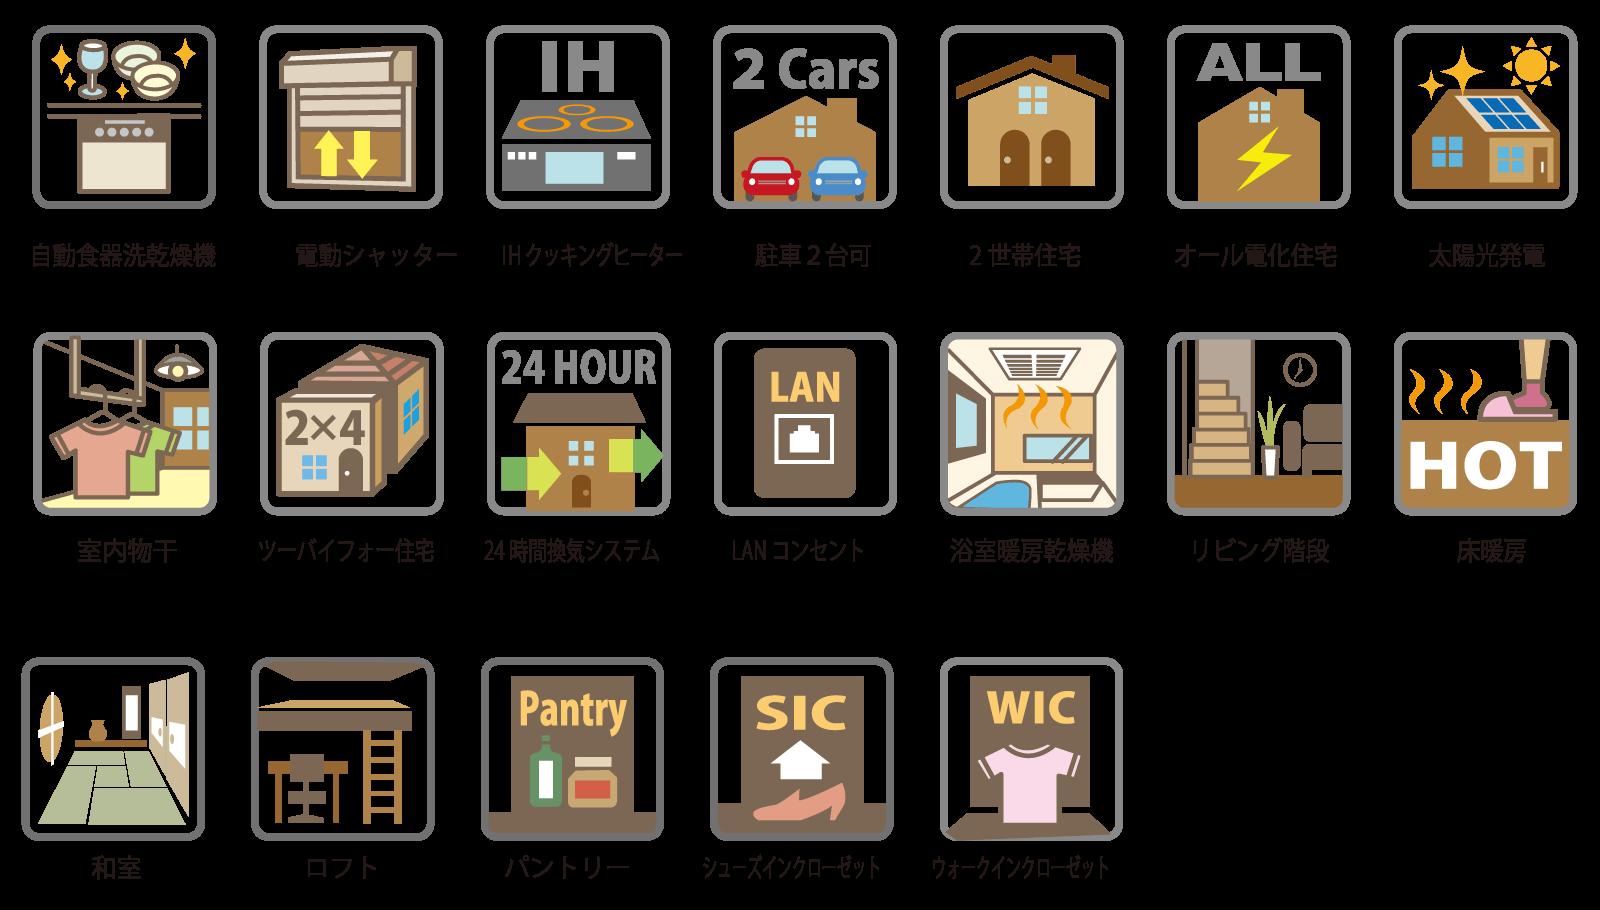 大阪のリフォーム会社